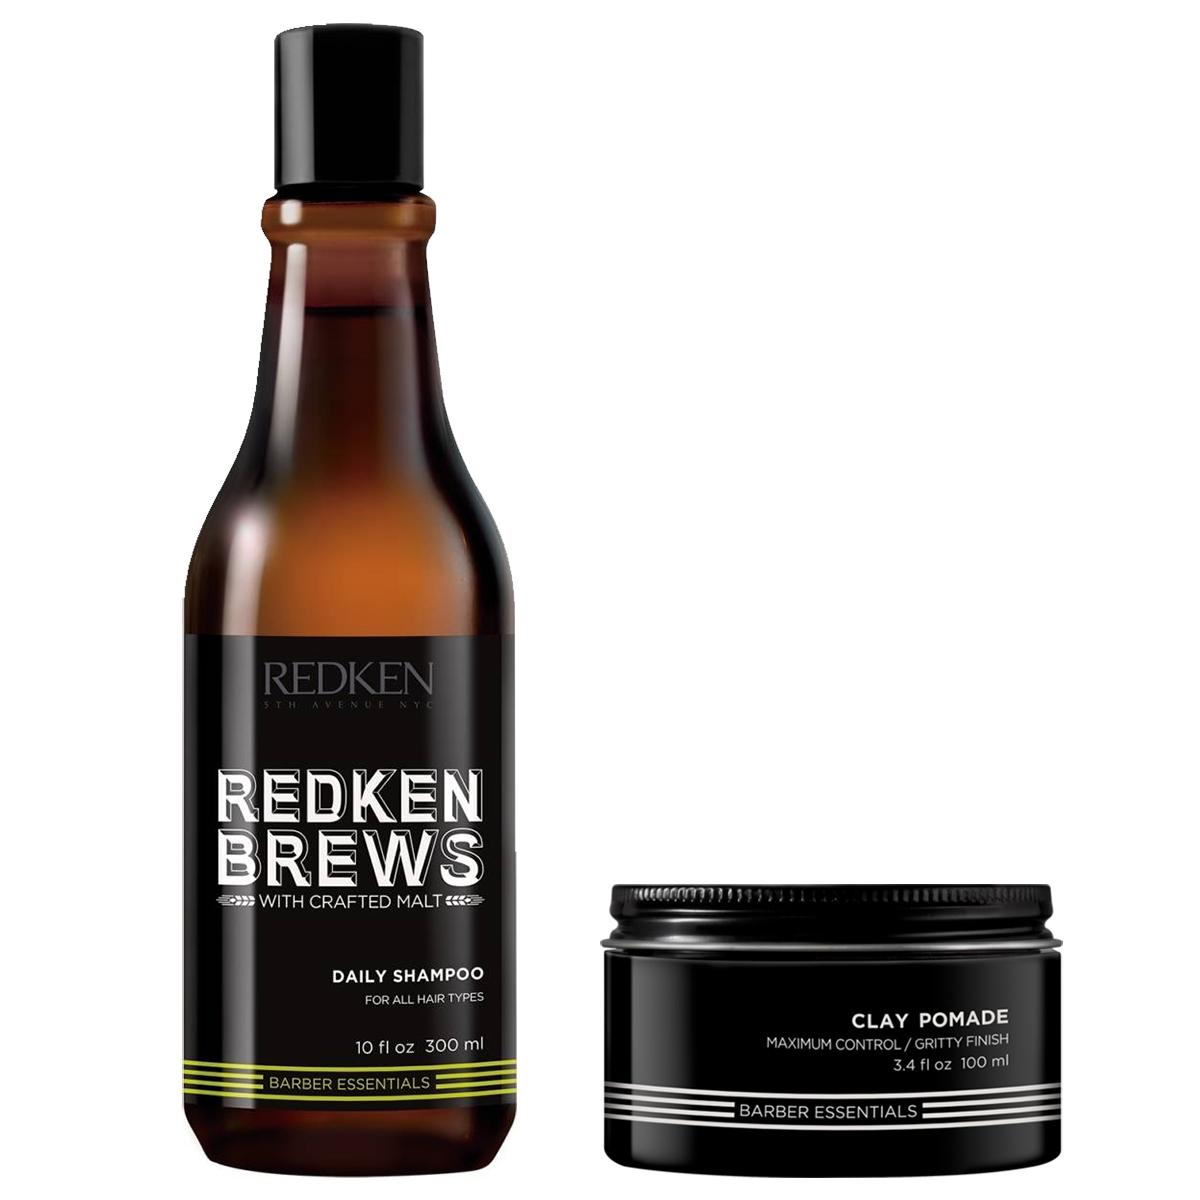 Tuotekuva: Redken BREWS Clay Pomade & Daily Shampoo -setti